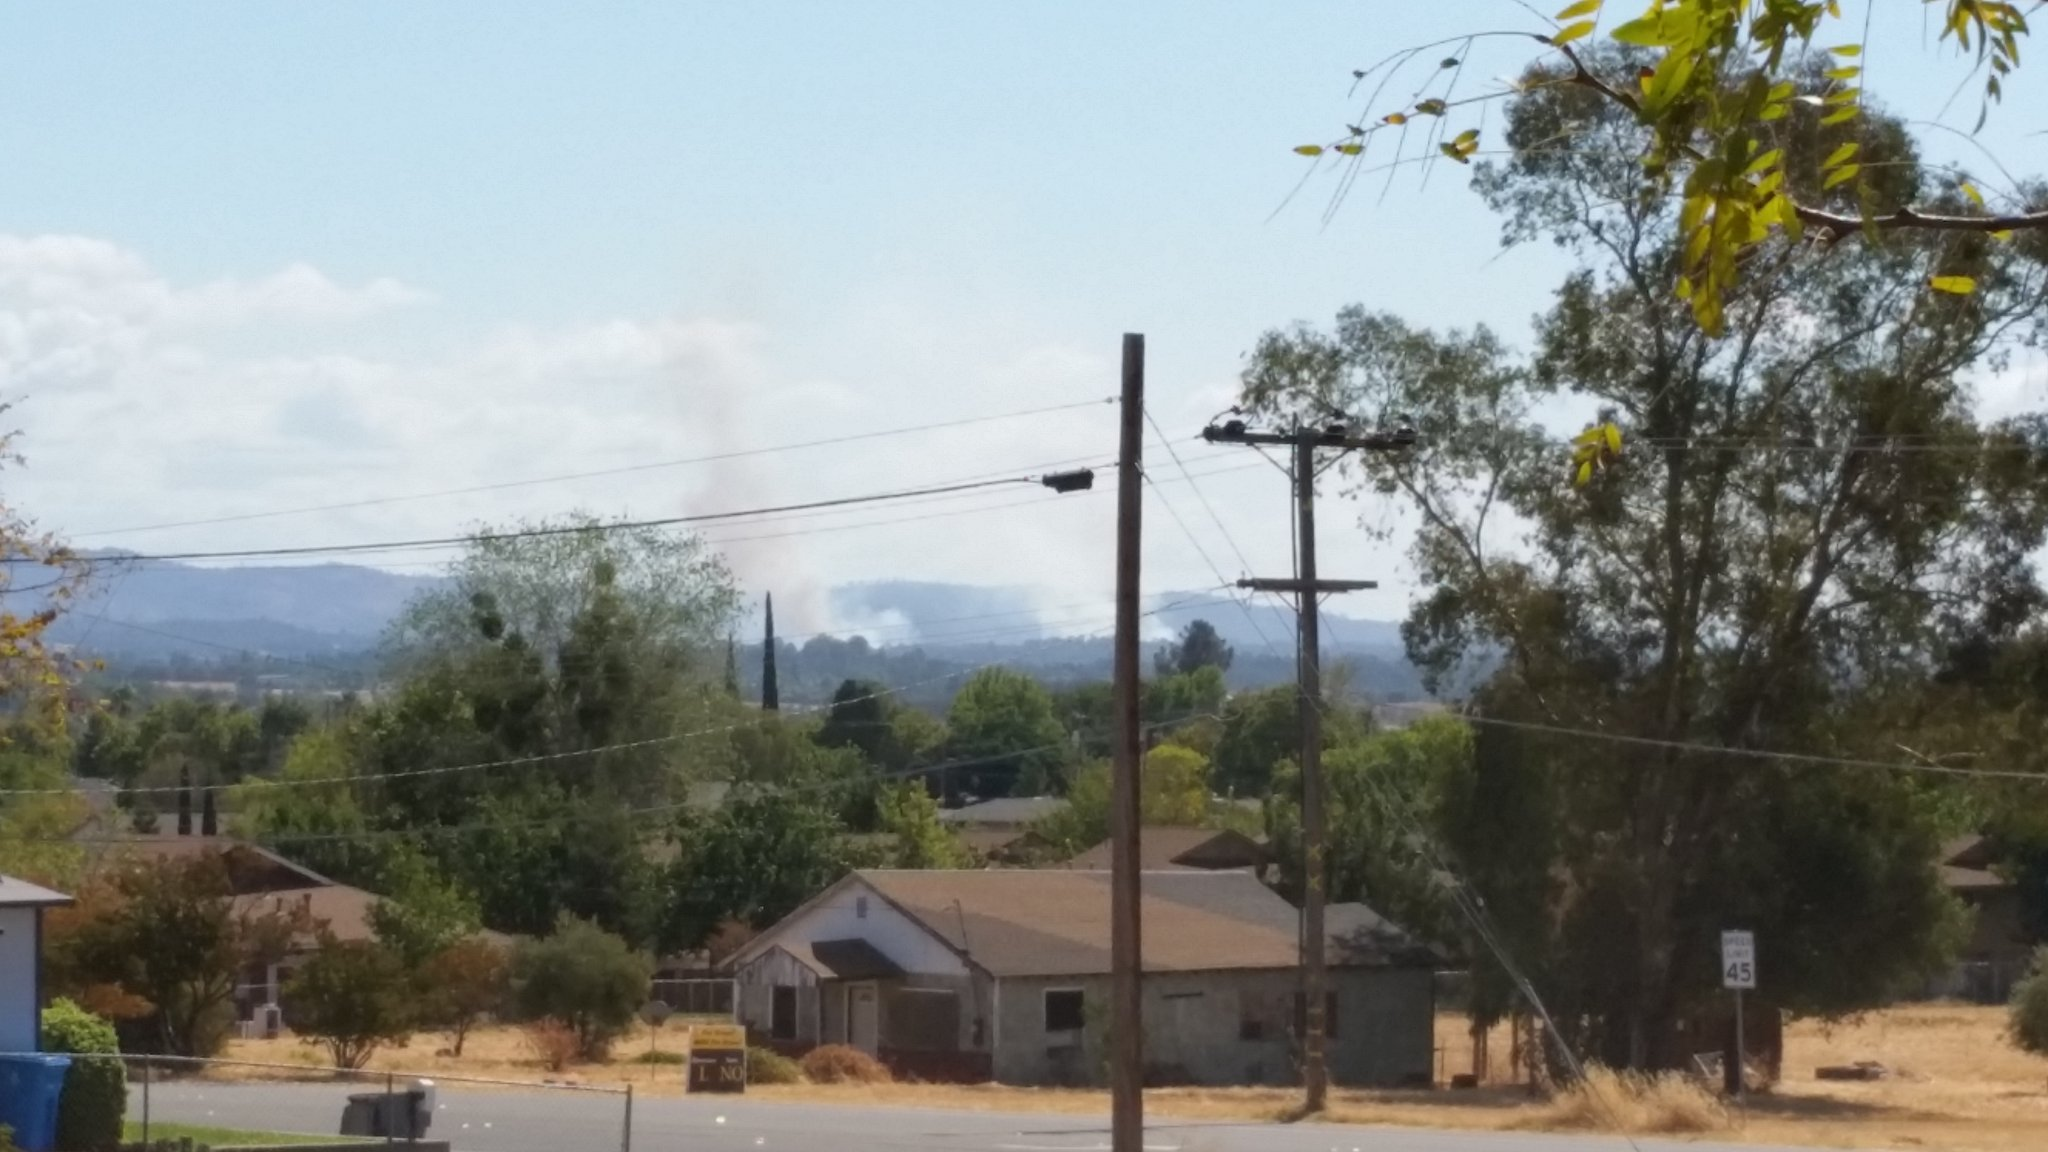 Bangor, Butte County   YubaNet Fire News